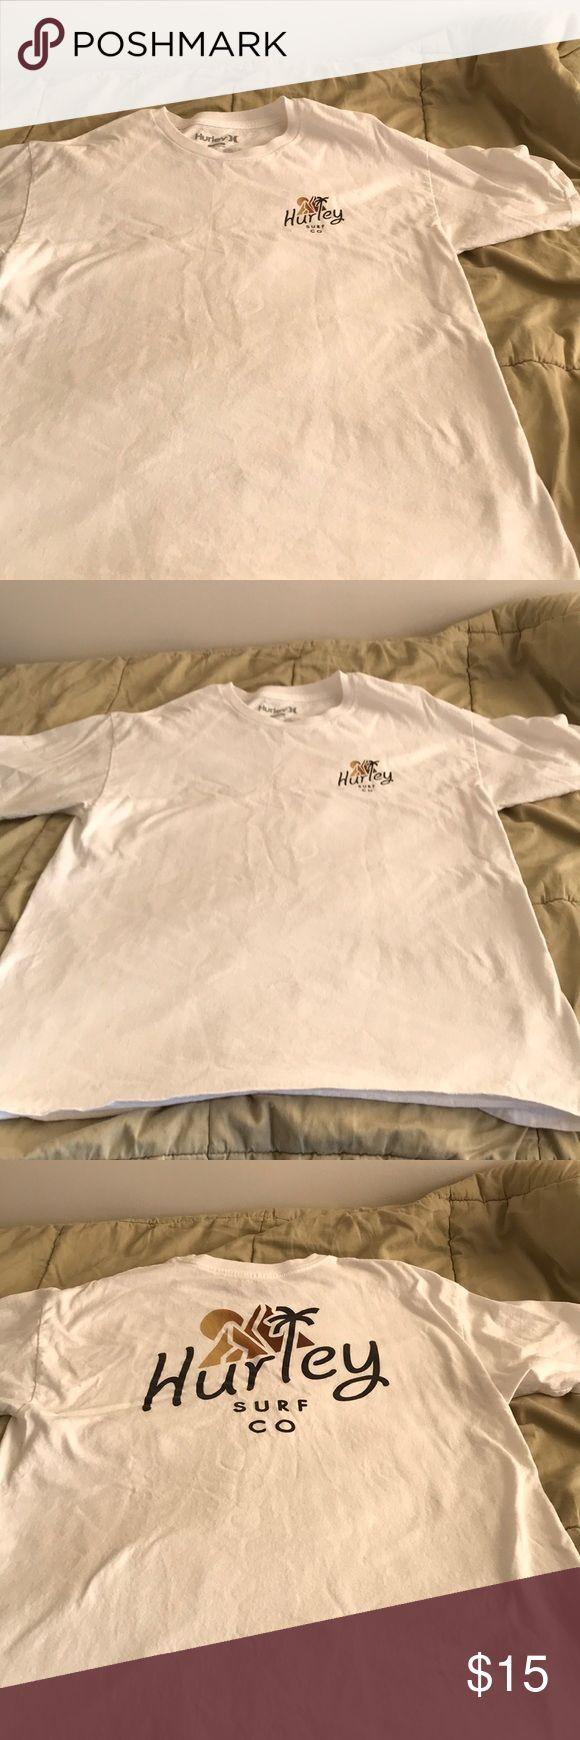 Hurley T-shirt Like new Hurley shirt Hurley Shirts